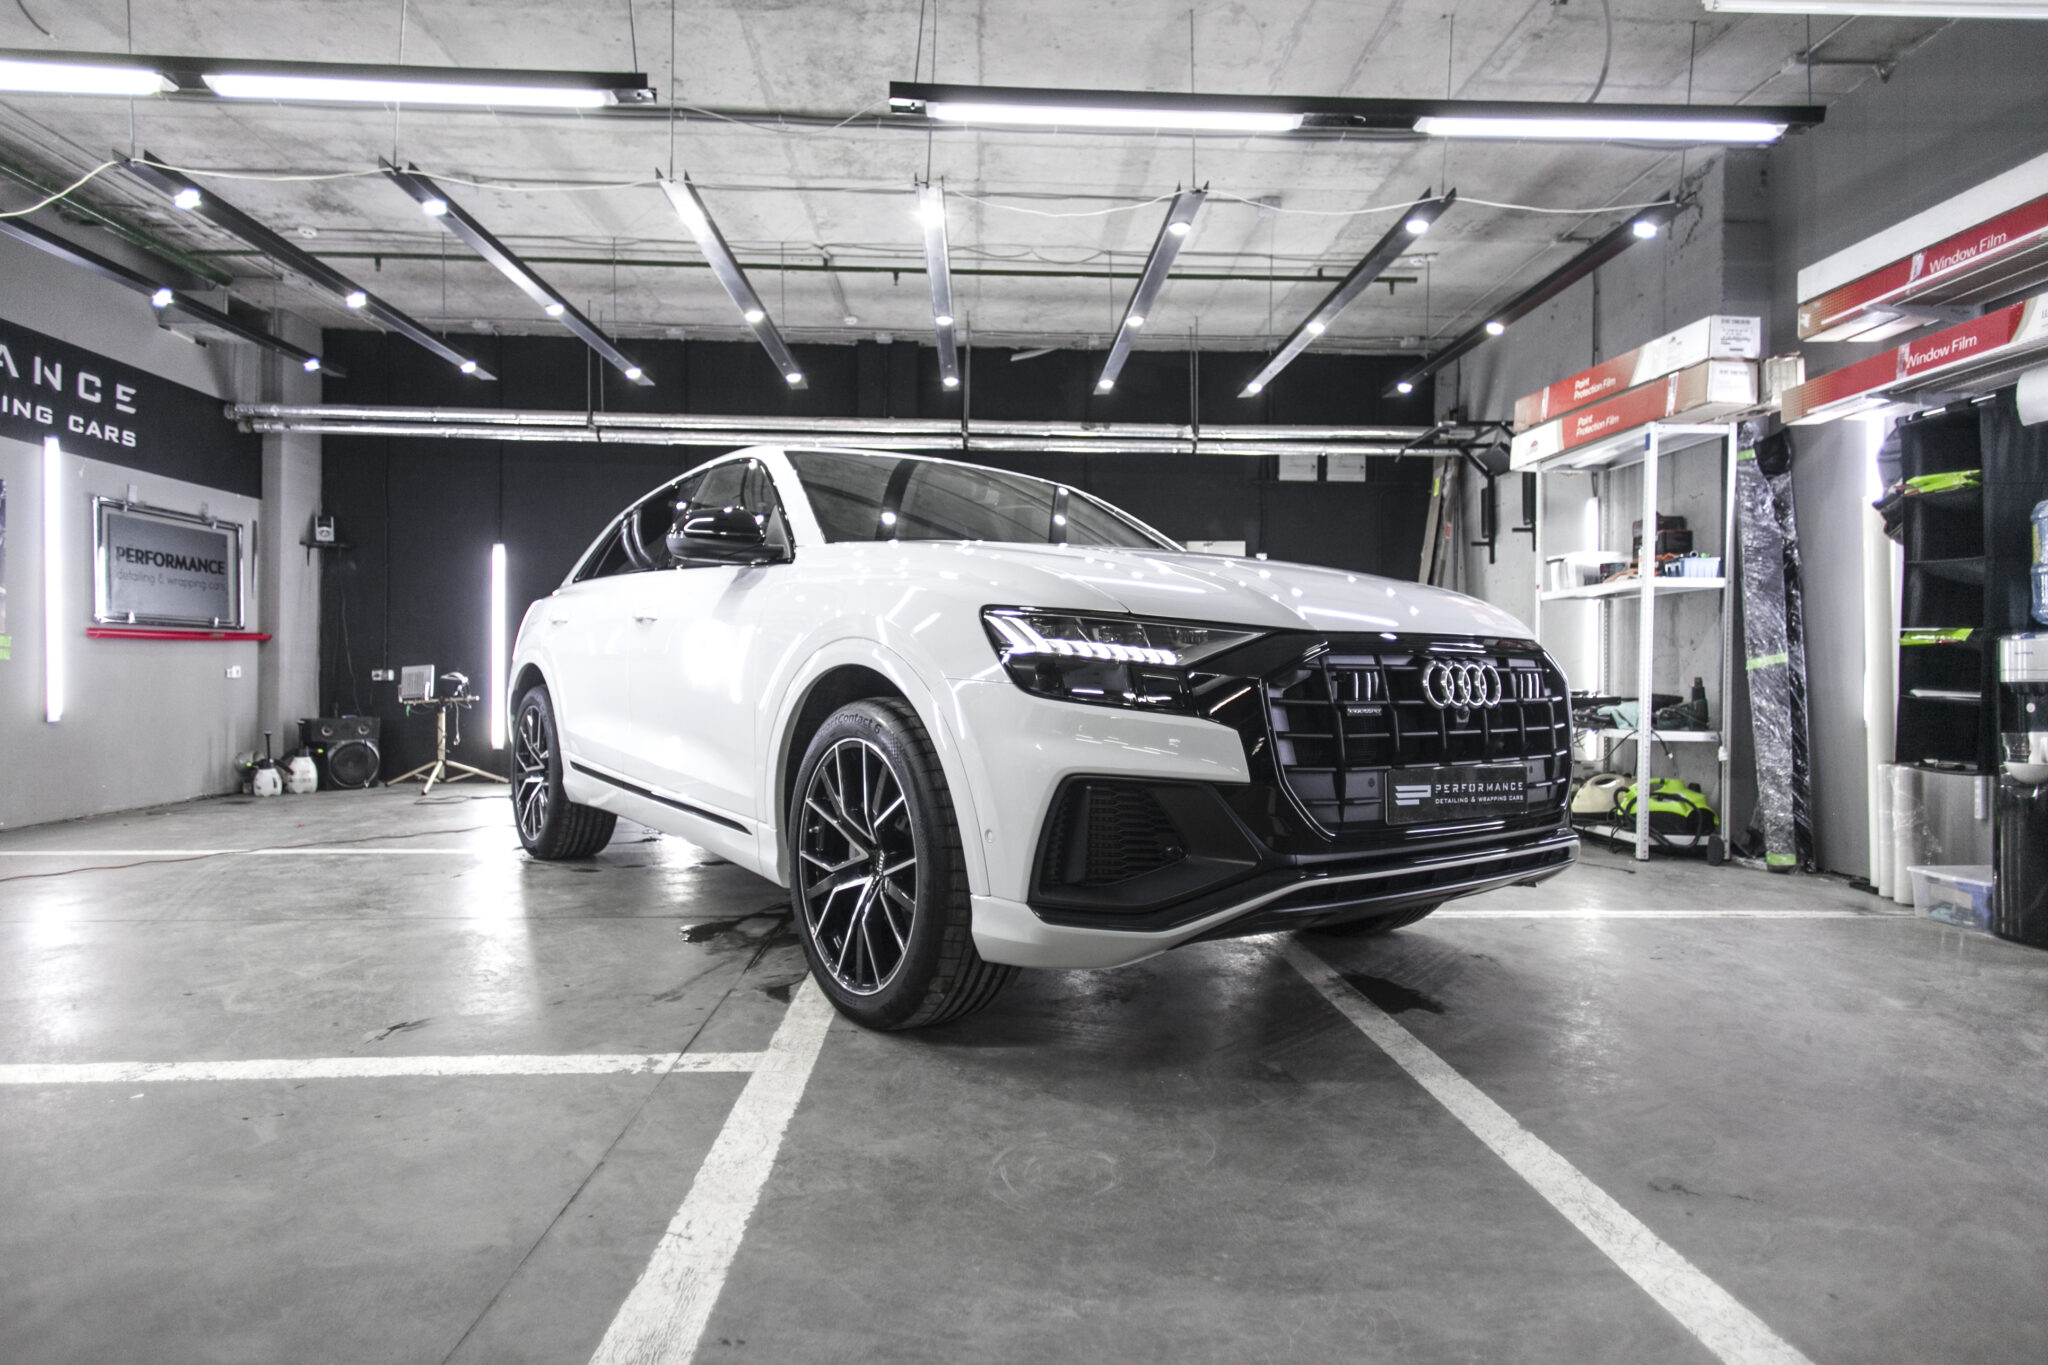 Оклейка кузова Audi Q8 антигравийной пленкой